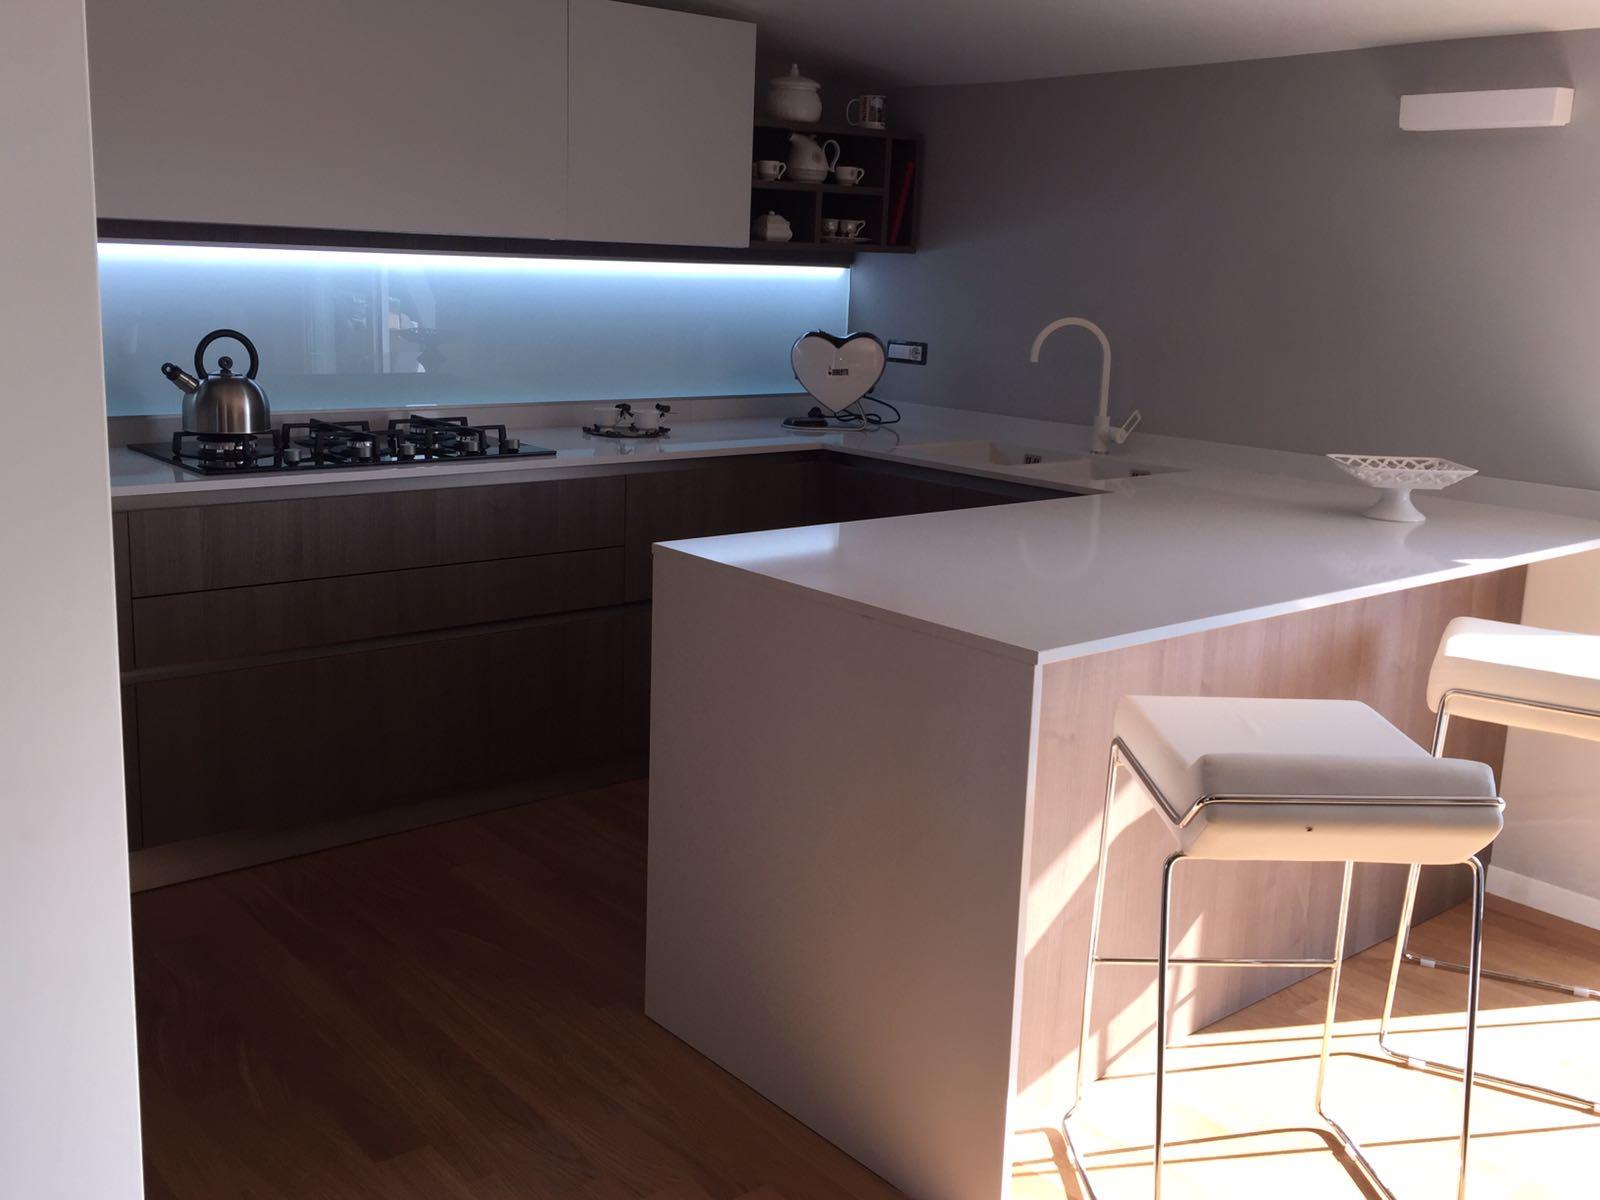 Cucina Compatta Veneta Cucine.Una Veneta Cucine Oyster Pro Per La Calda Casa Di Laura E Arturo